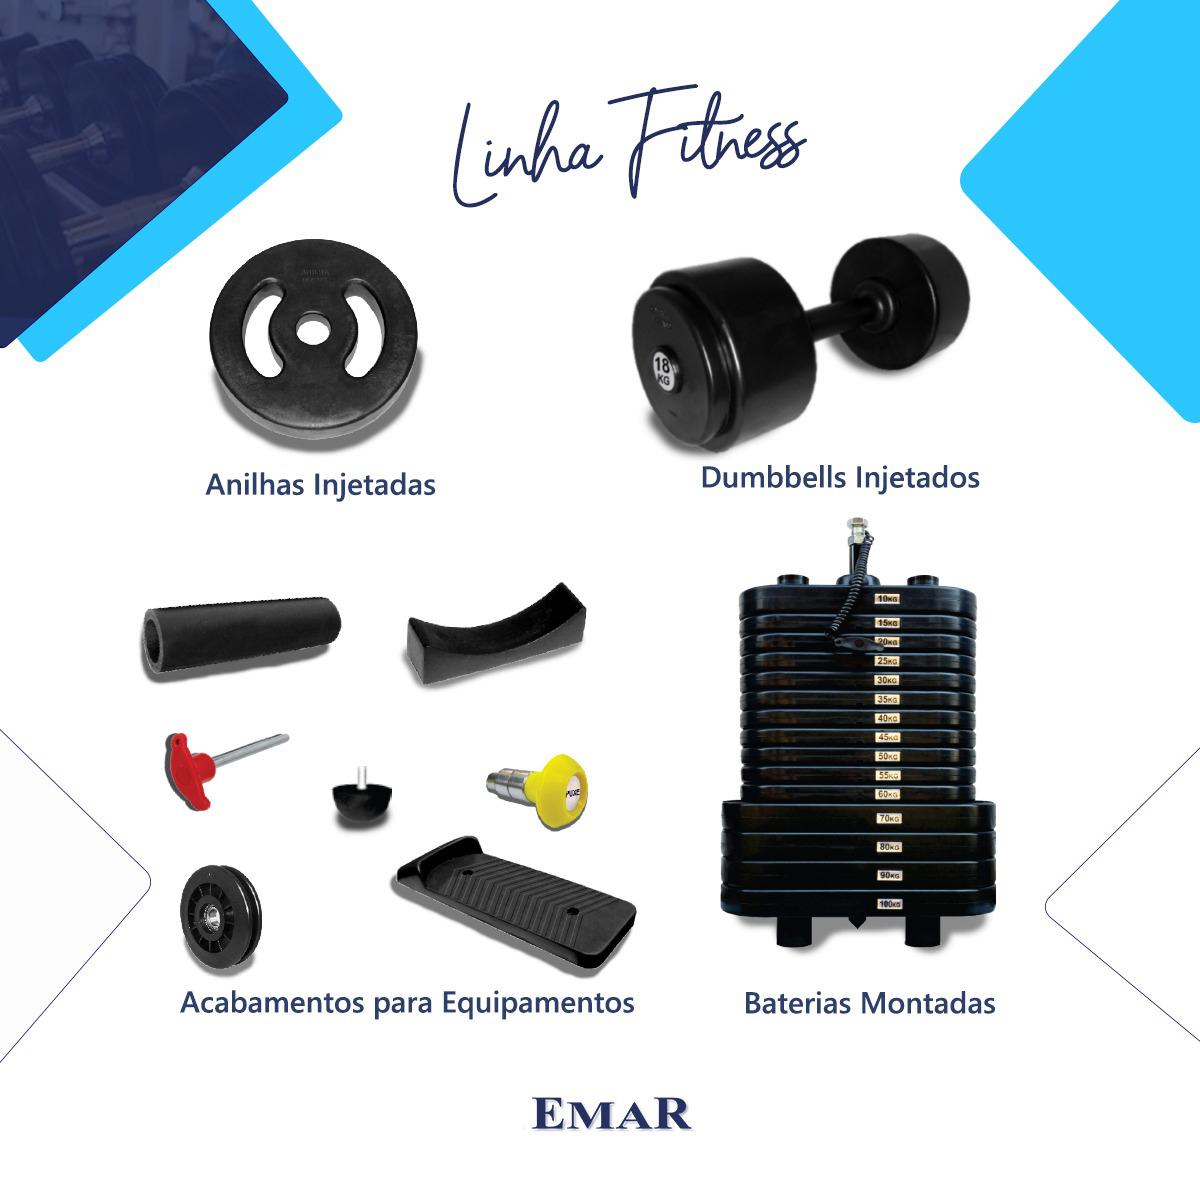 Regulador de Esforço 50 x 50 mm